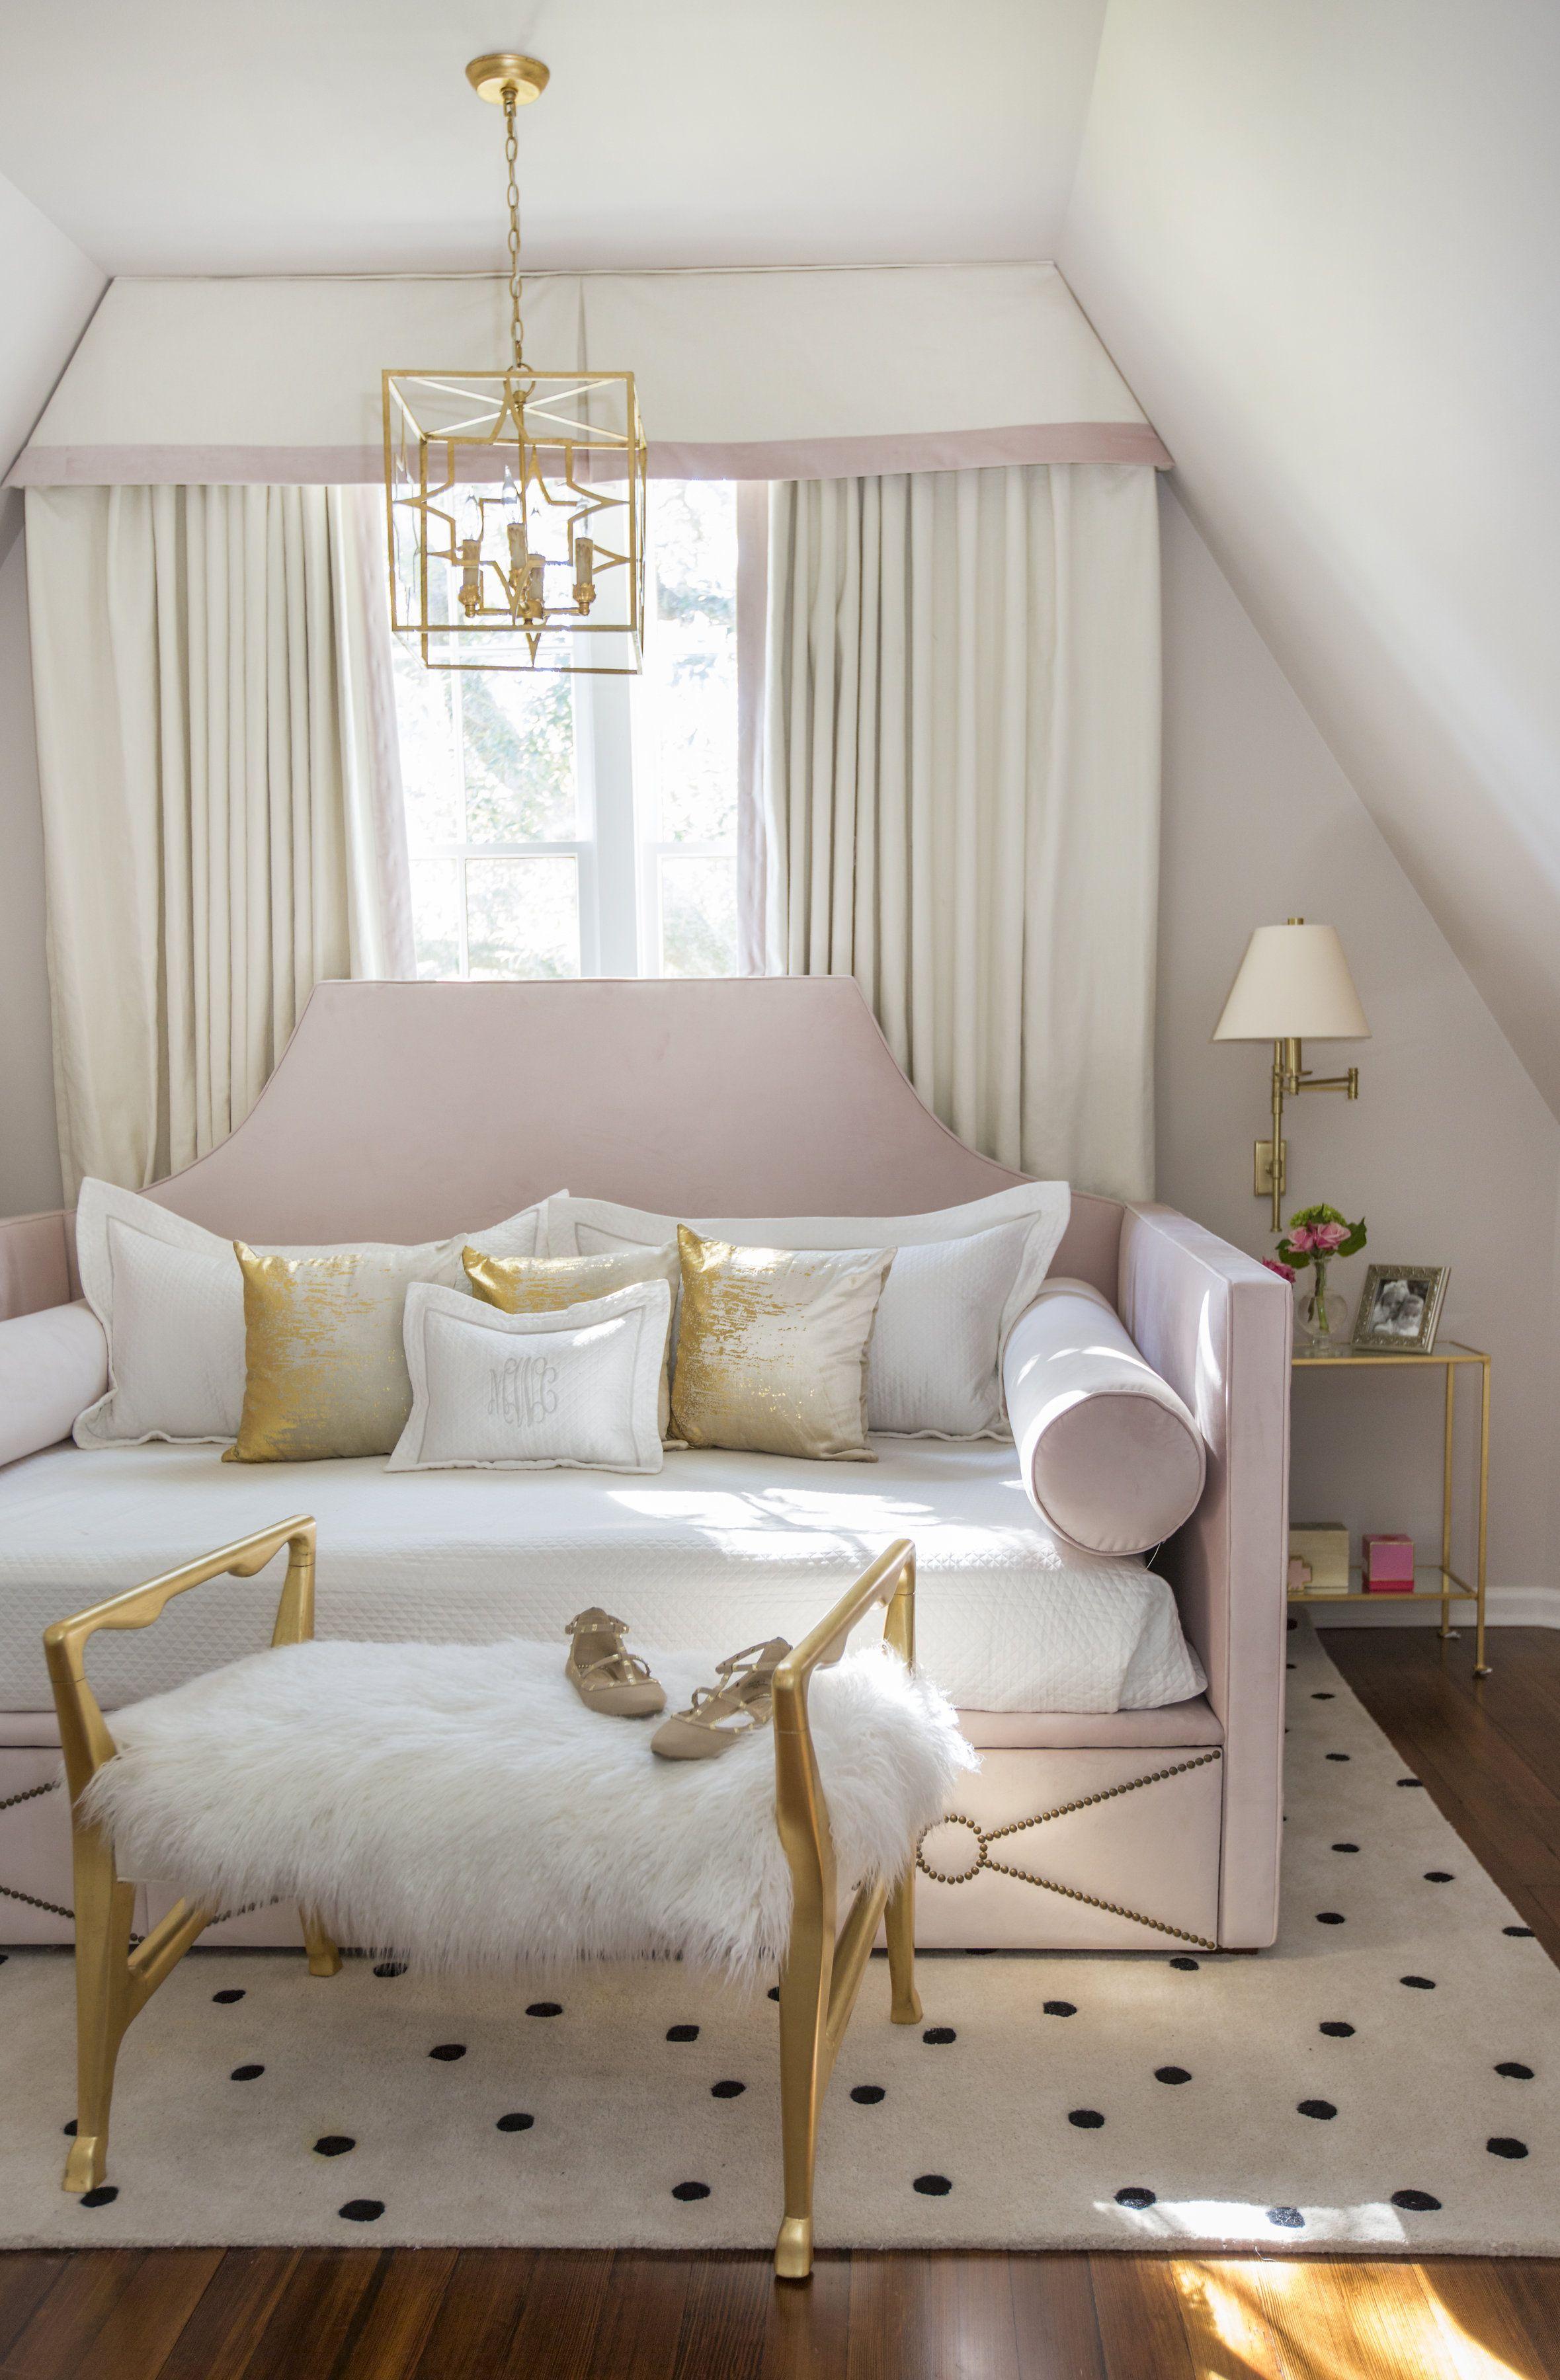 Rachel Cannon Limited Interiors | Sweet teen bedroom ...